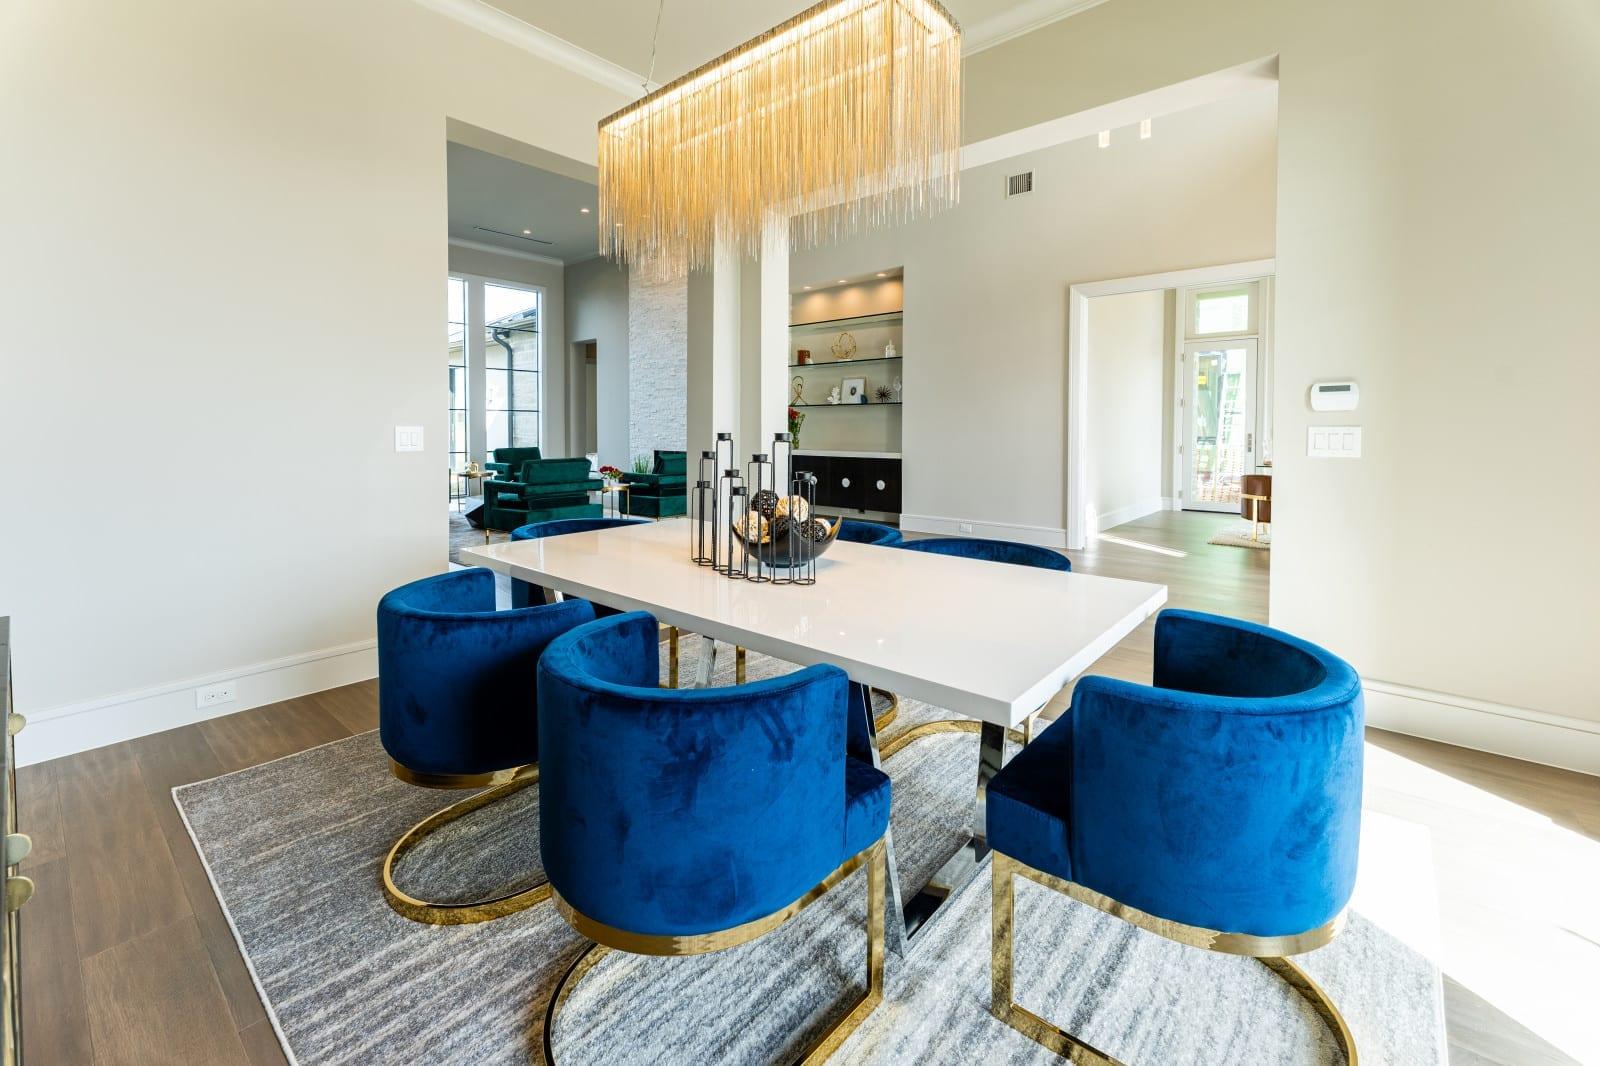 modern home design 7 - Millennial Design + Build